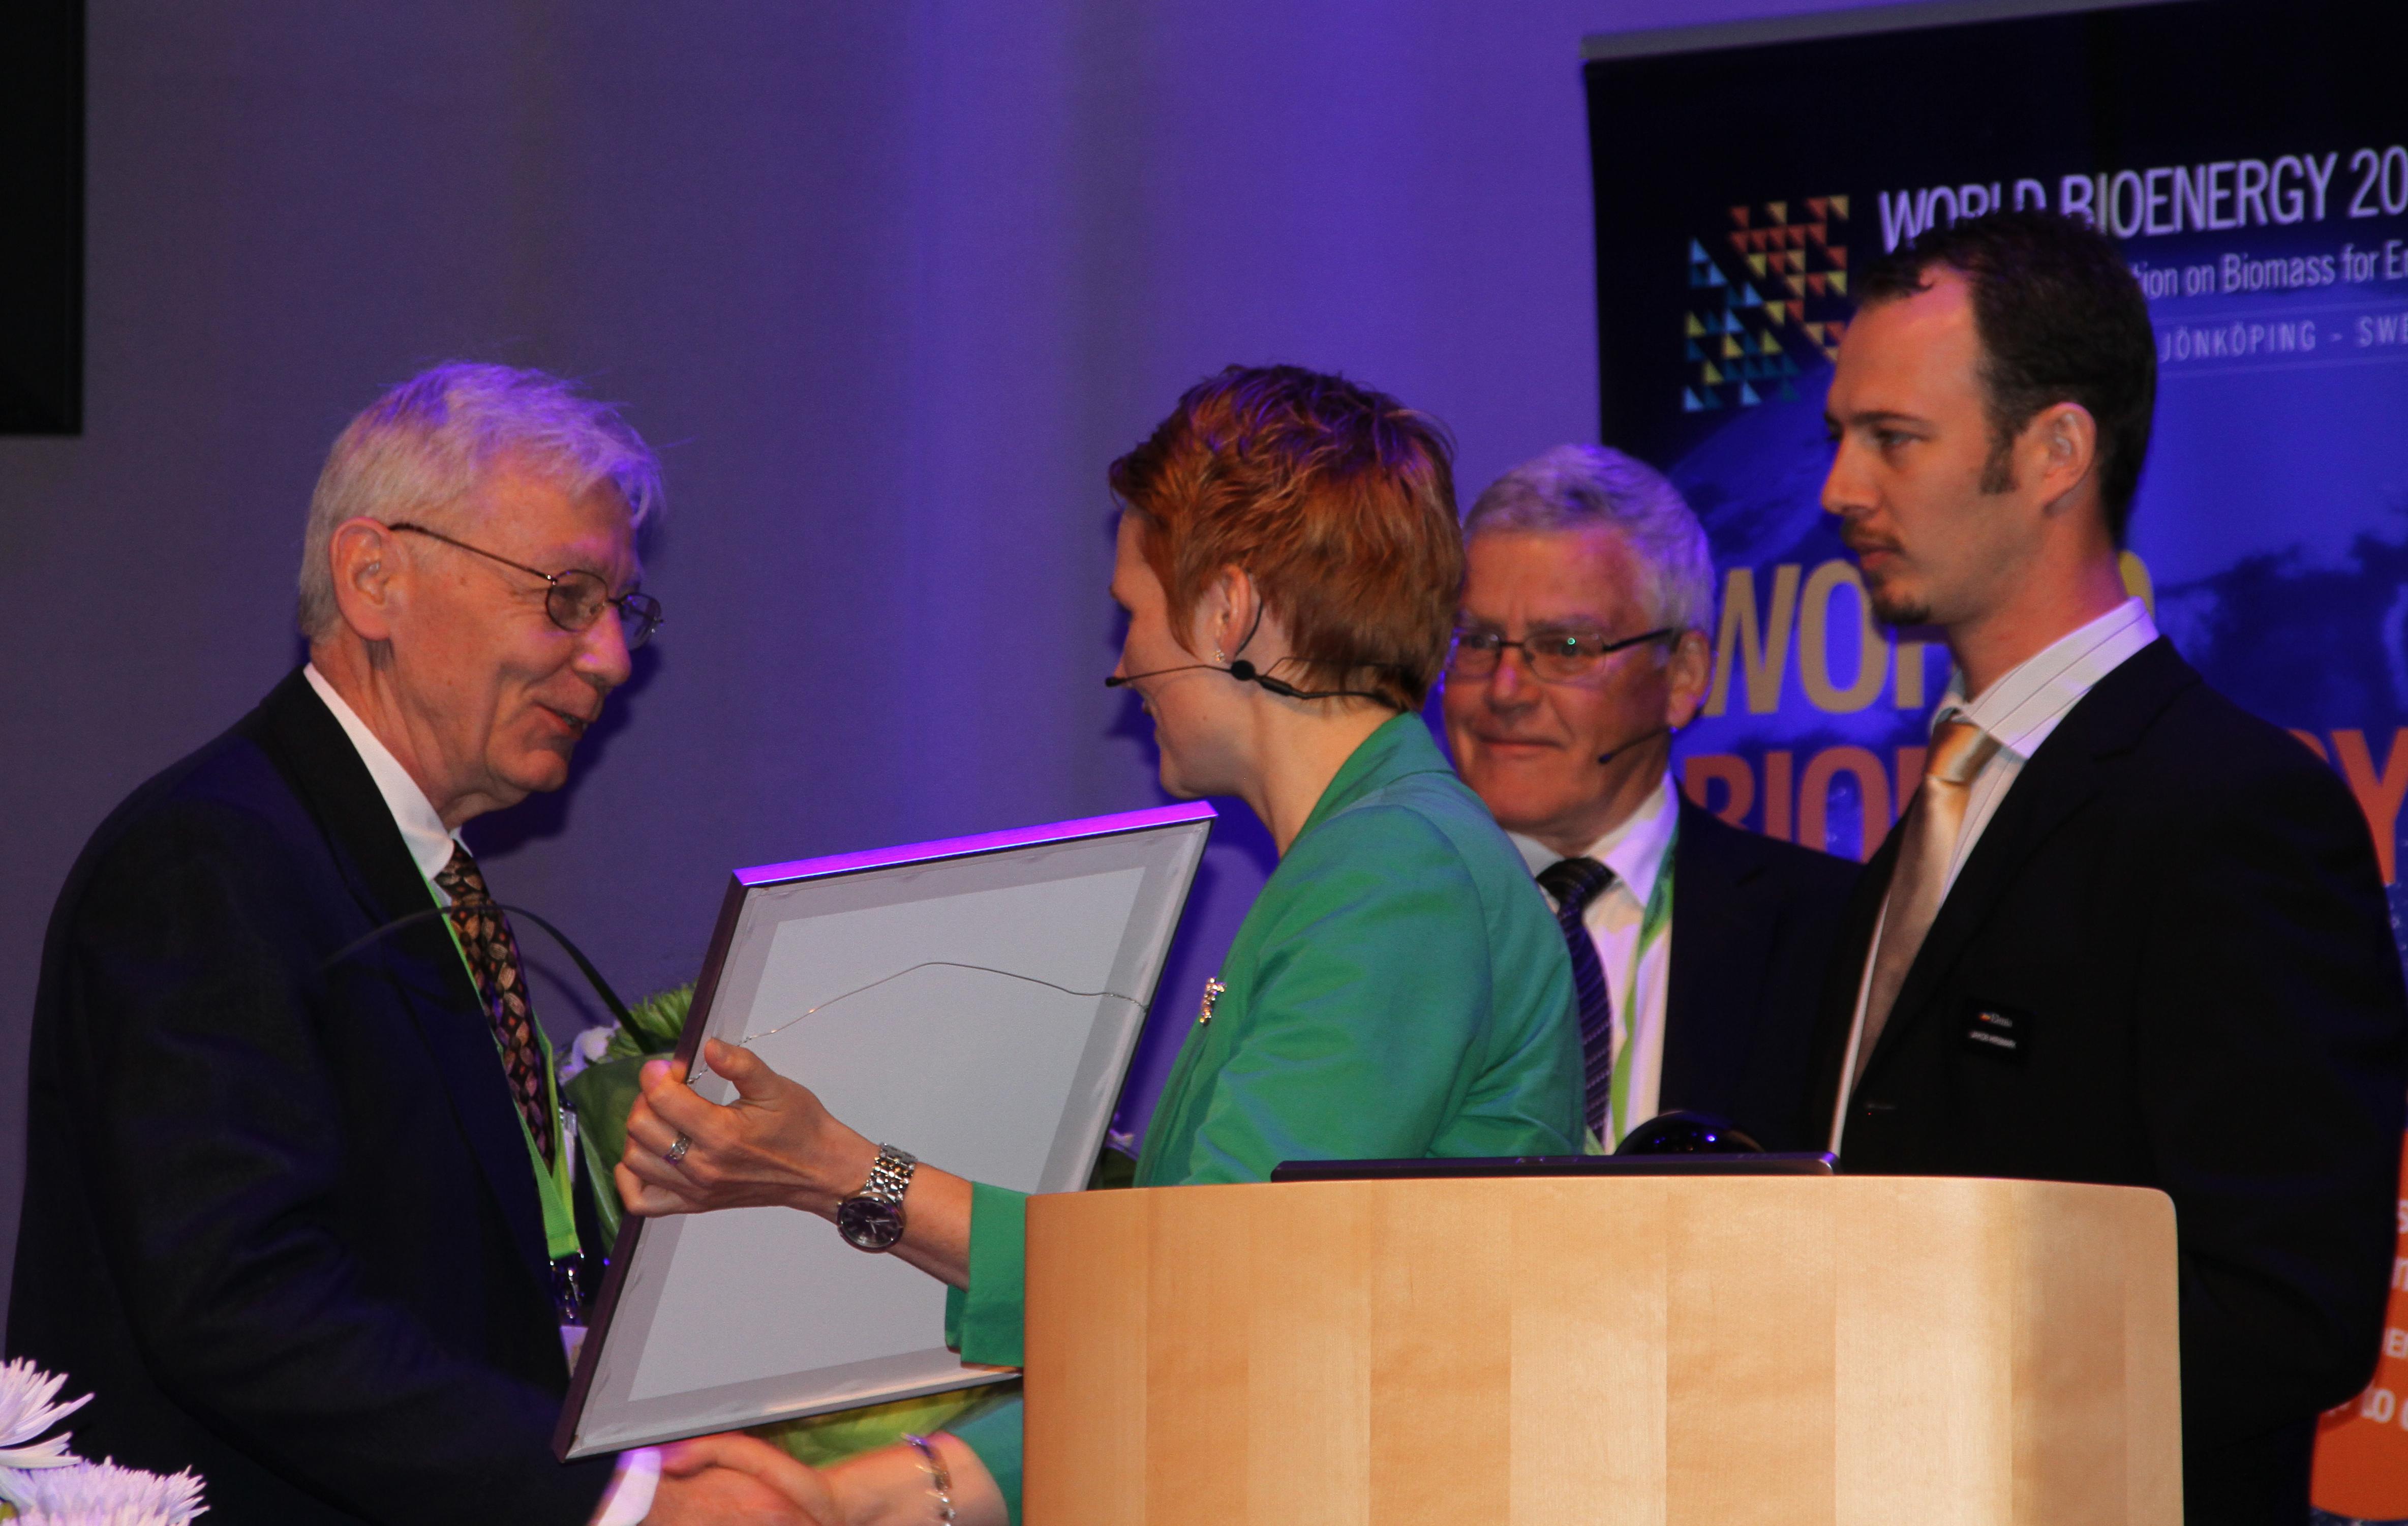 world bioenergy matchmaking Sehen sie sich das profil von jakob hirsmark auf  wood and world bioenergy with  business meetings in the world´s largest bioenergy matchmaking.